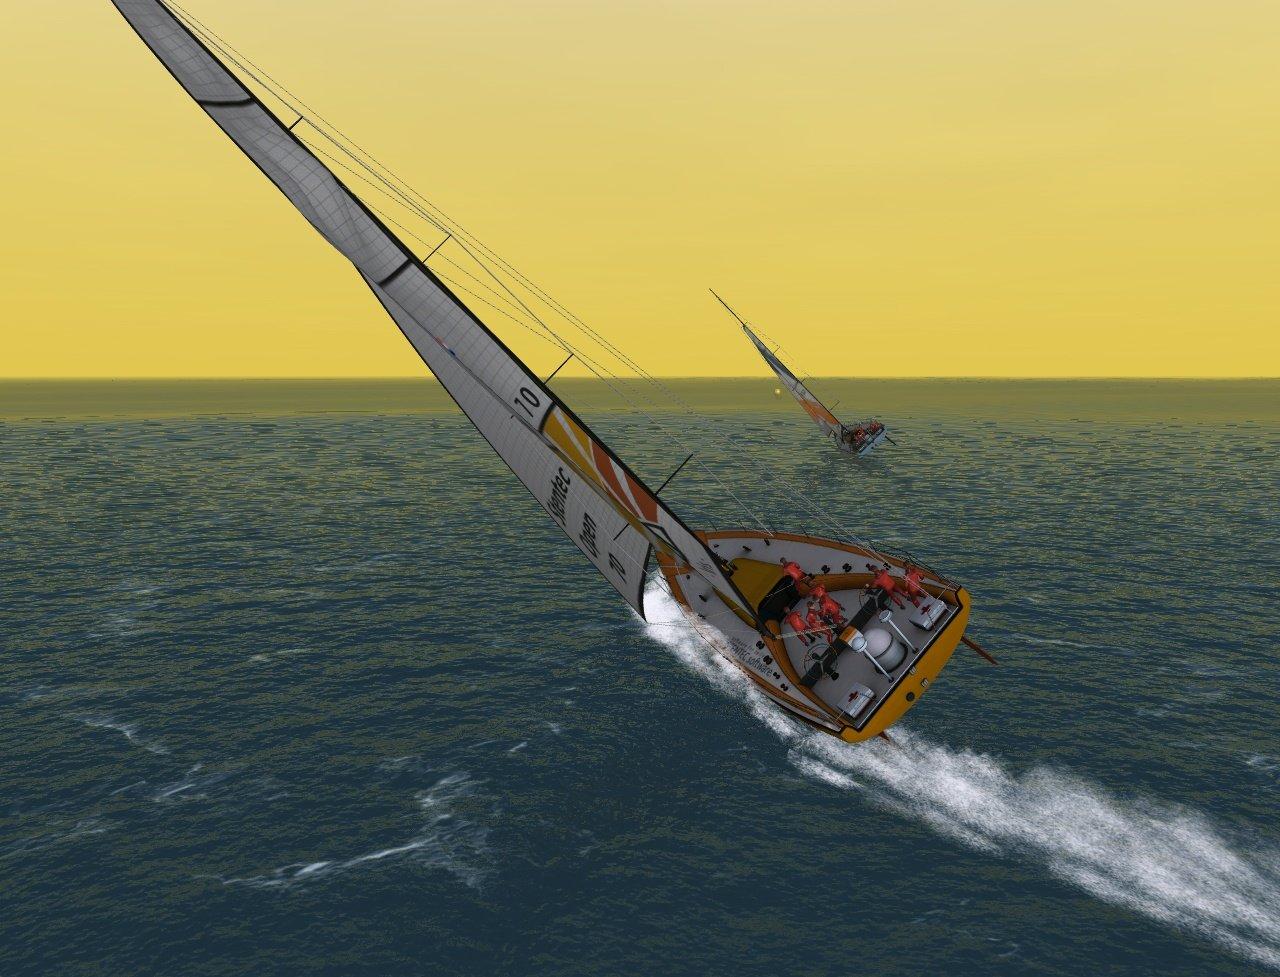 симулятор парусной яхты с режимом обучения Главная Термобелье